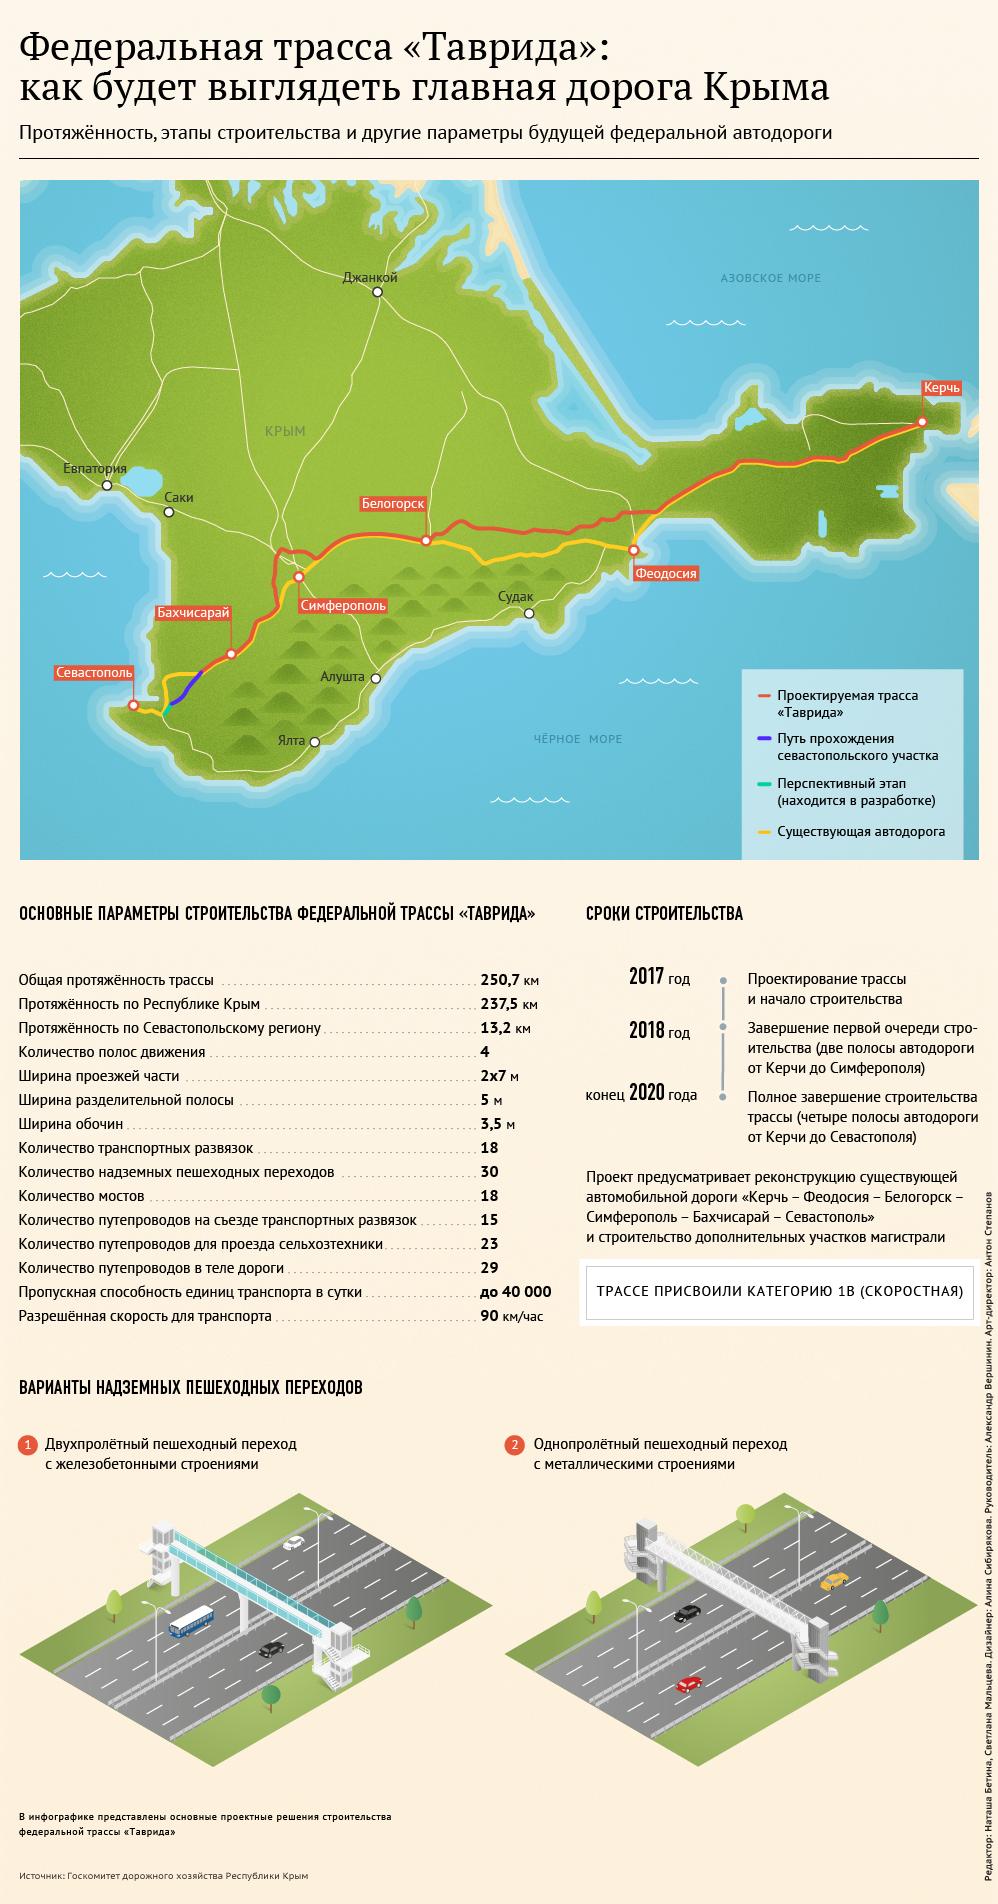 Как будет выглядеть главная дорога Крыма